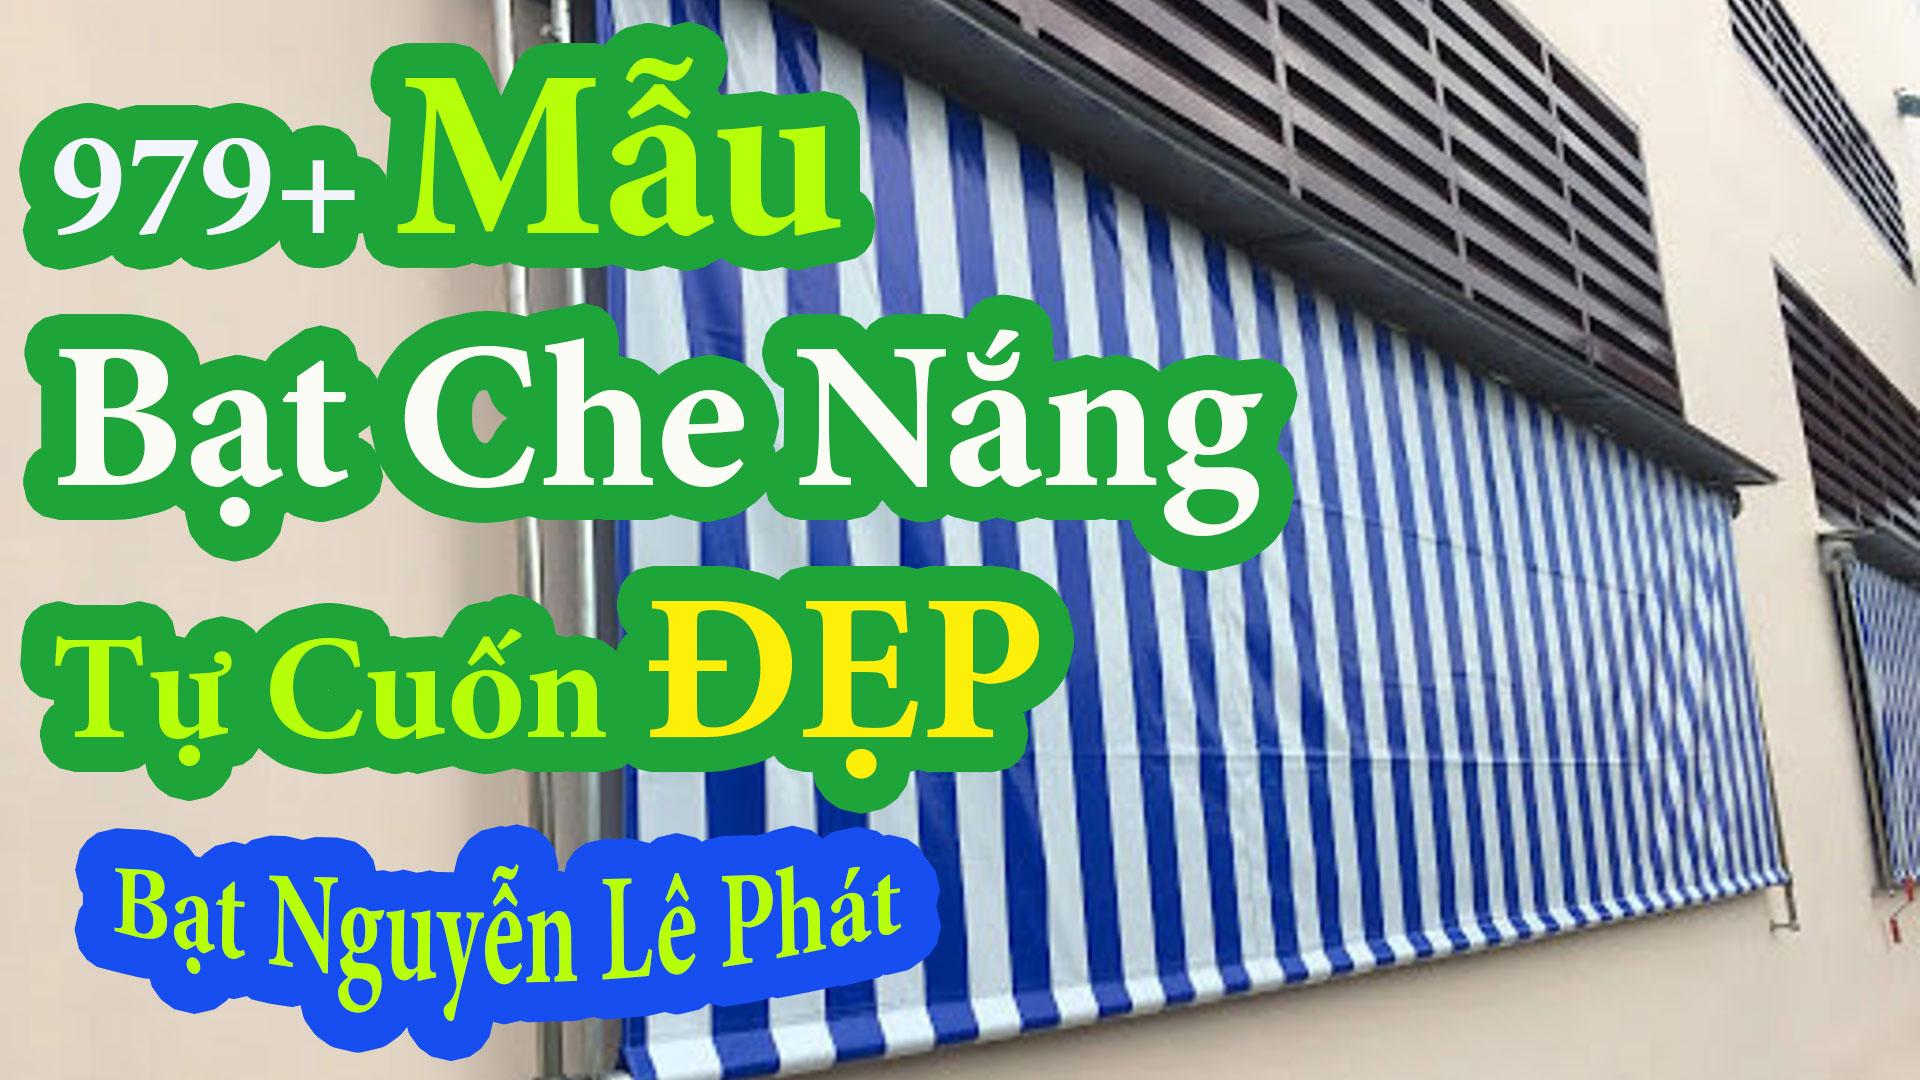 Báo Giá Bạt Che Nắng Mưa Tự Cuốn Giá Rẻ tại TPHCM